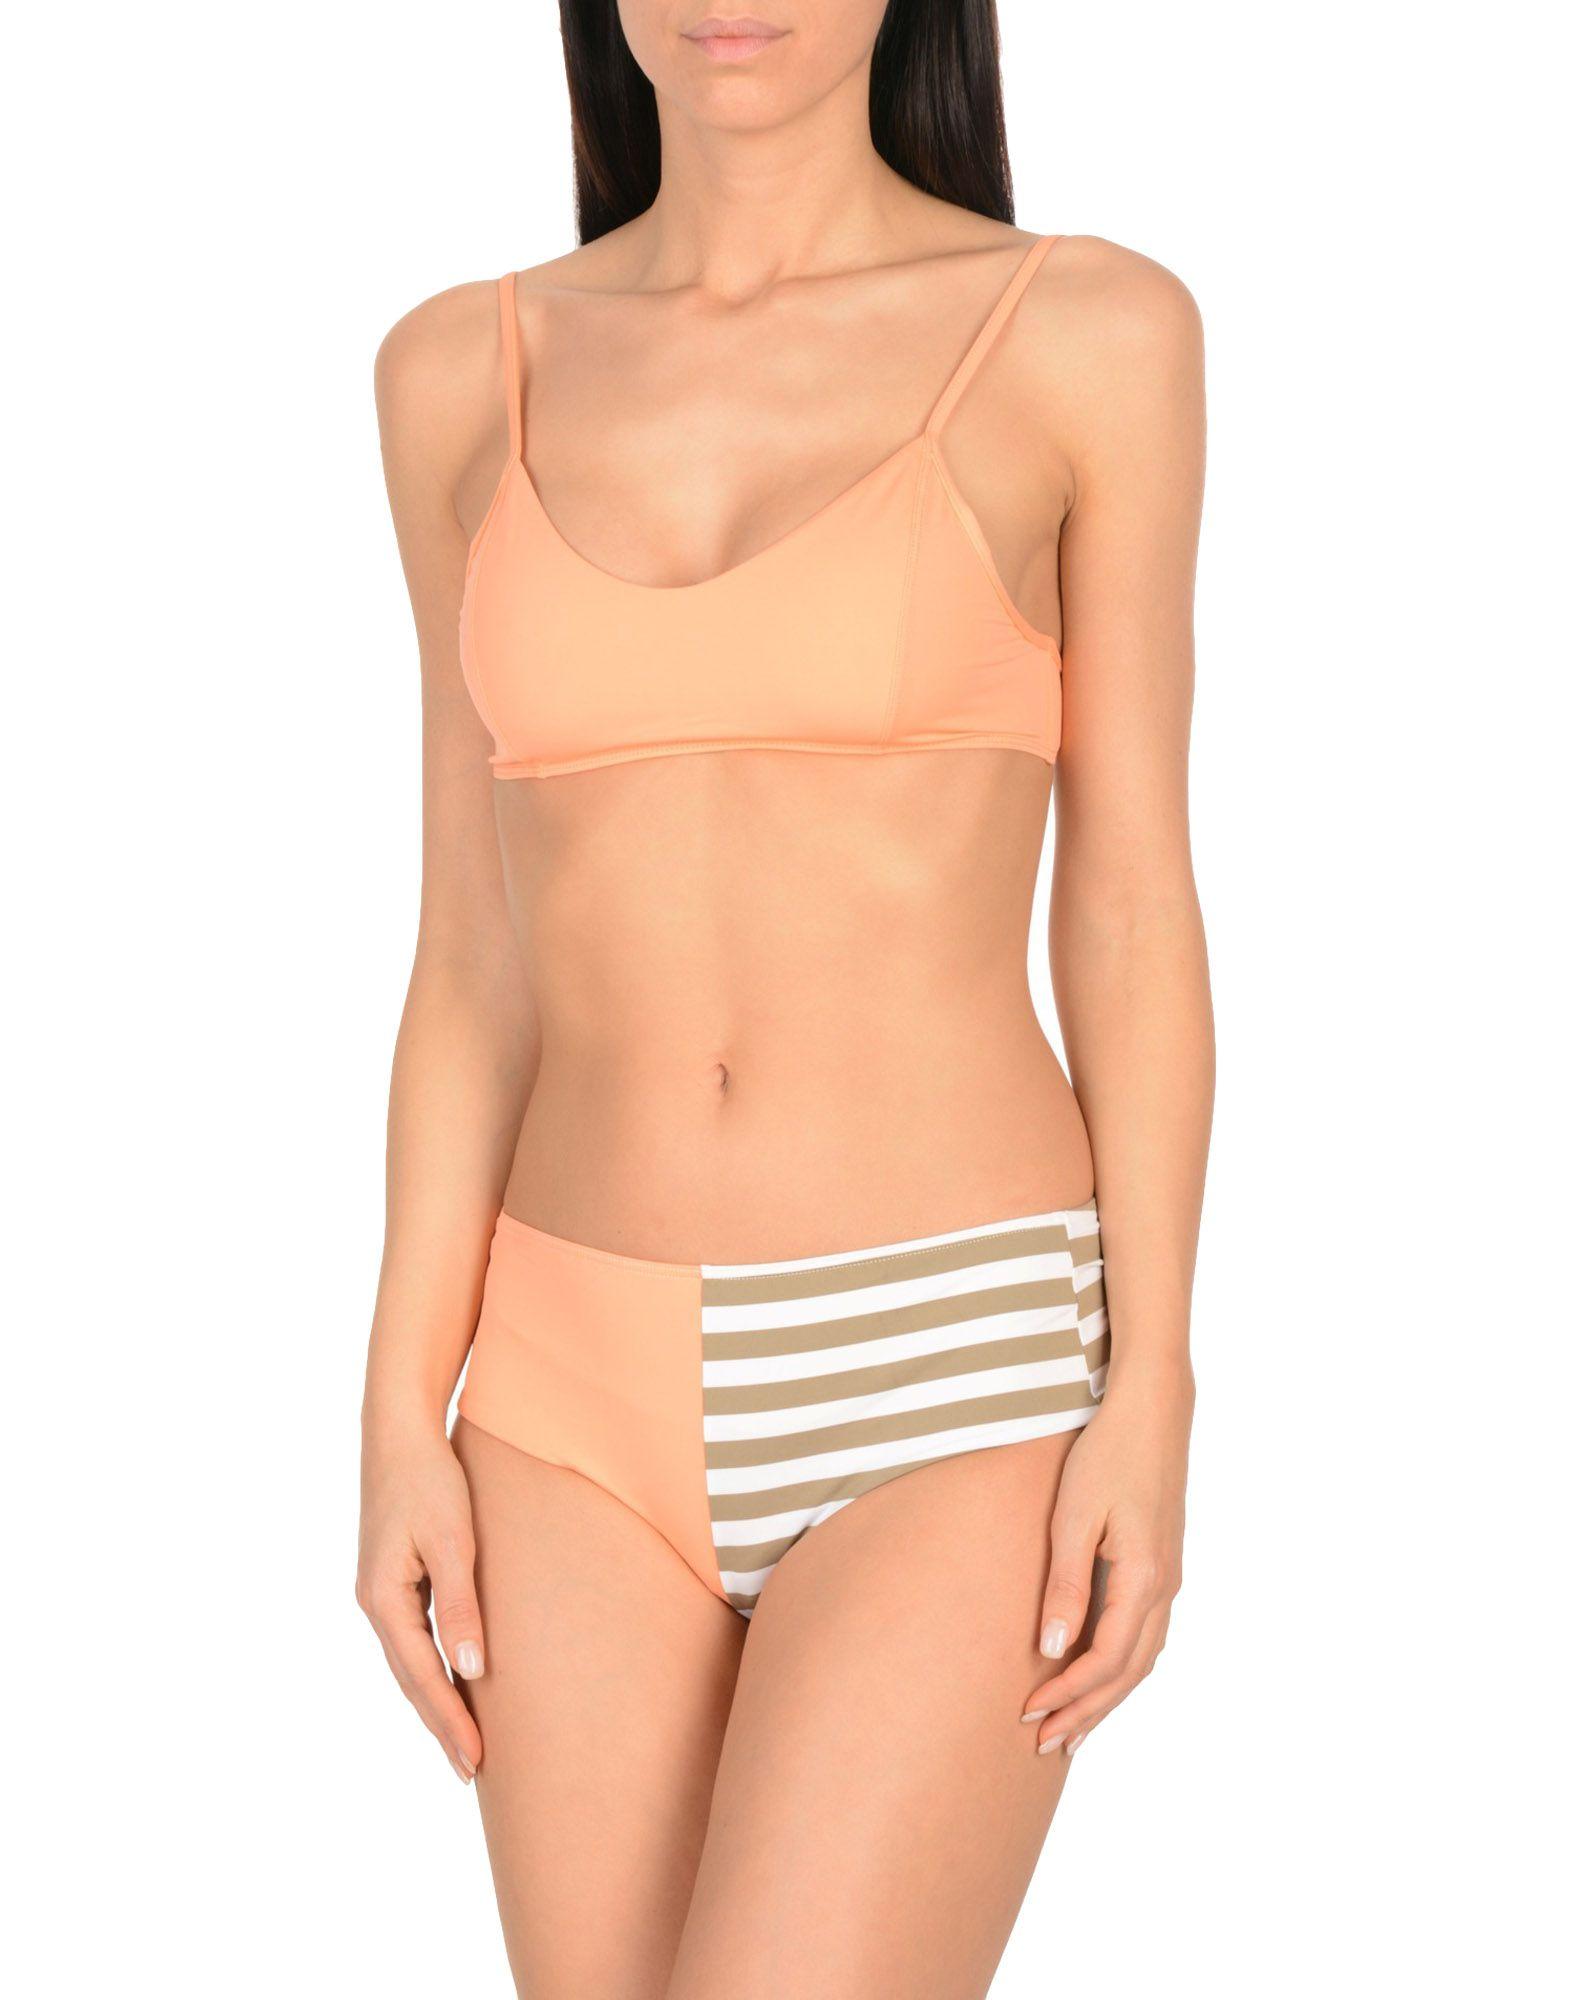 ALBERTINE Bikini in Salmon Pink